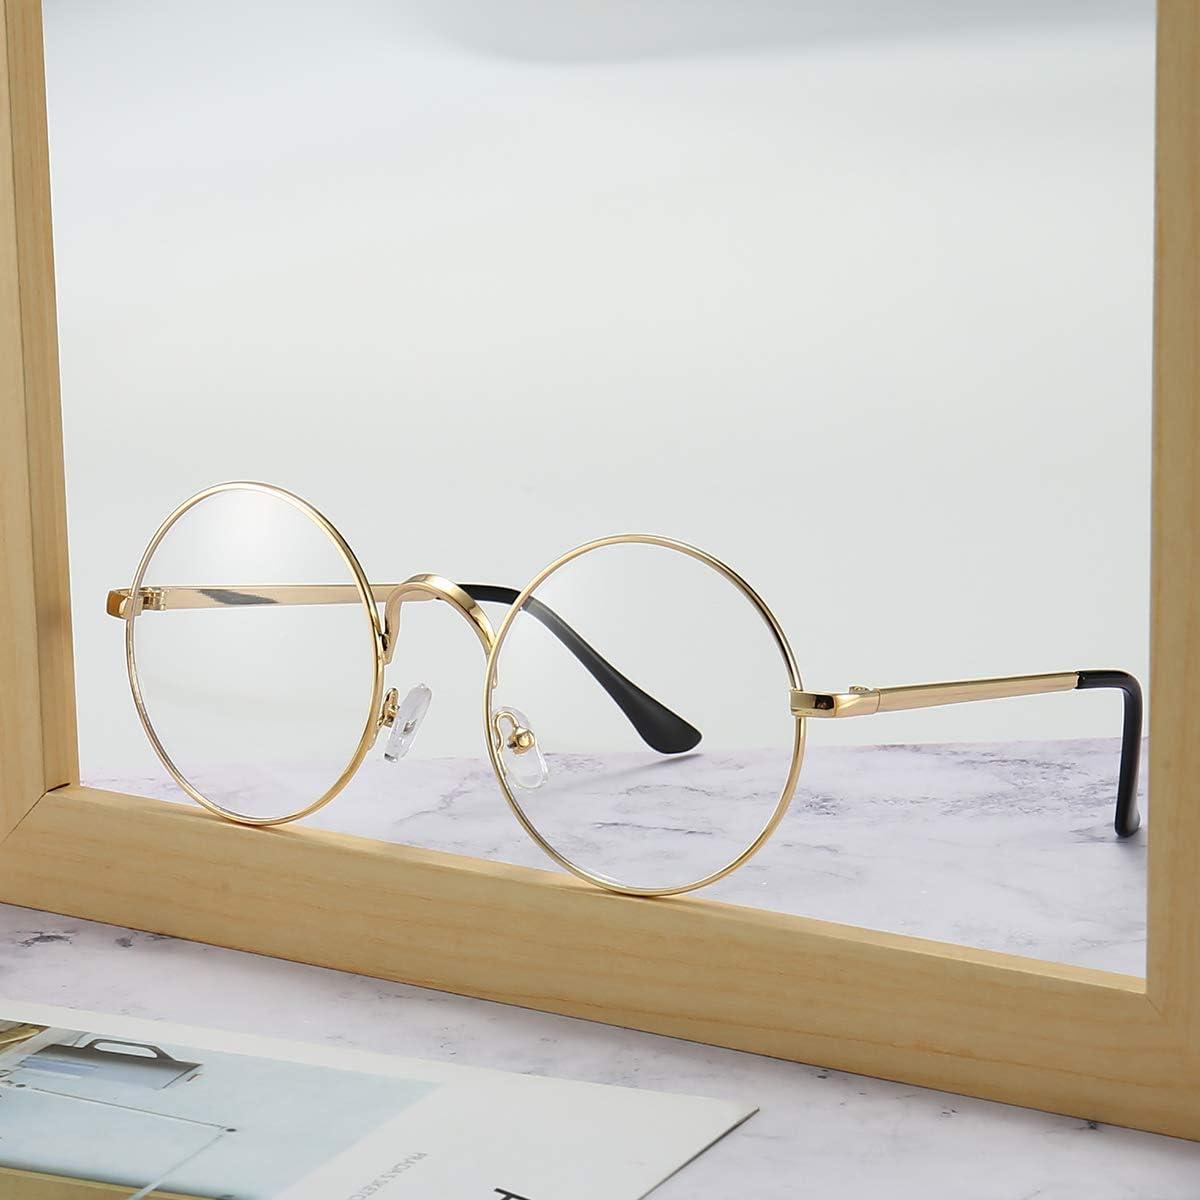 Round Glasses Retro Metal Frame Eyewear Clear Lens glasses for Unisex Men Women